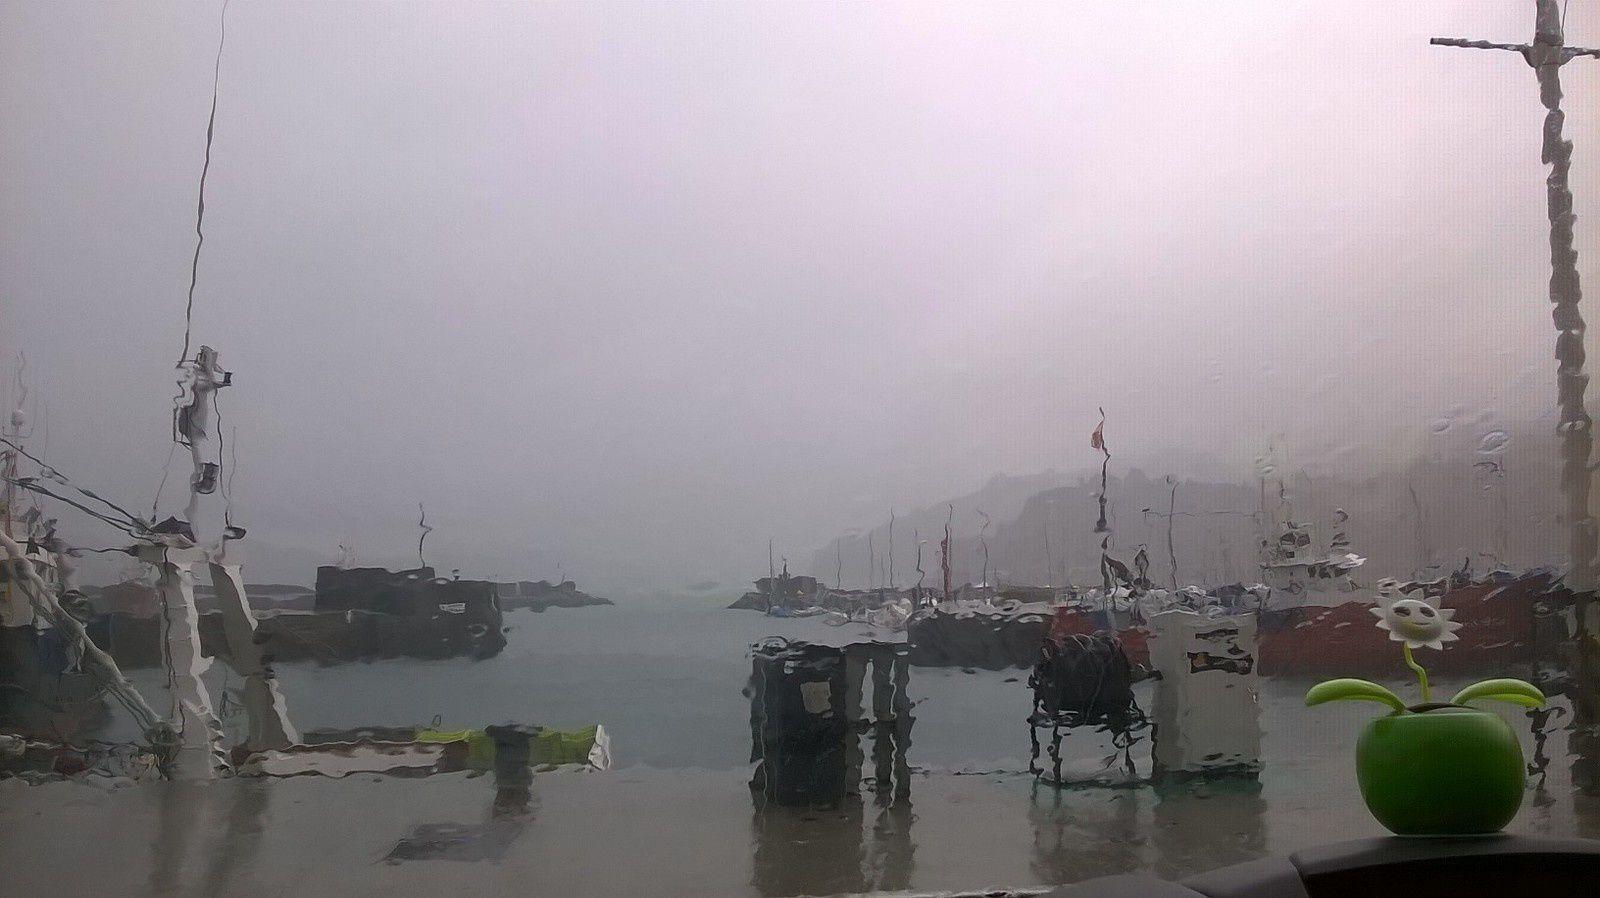 Le port dans le brouillard et sous la pluie